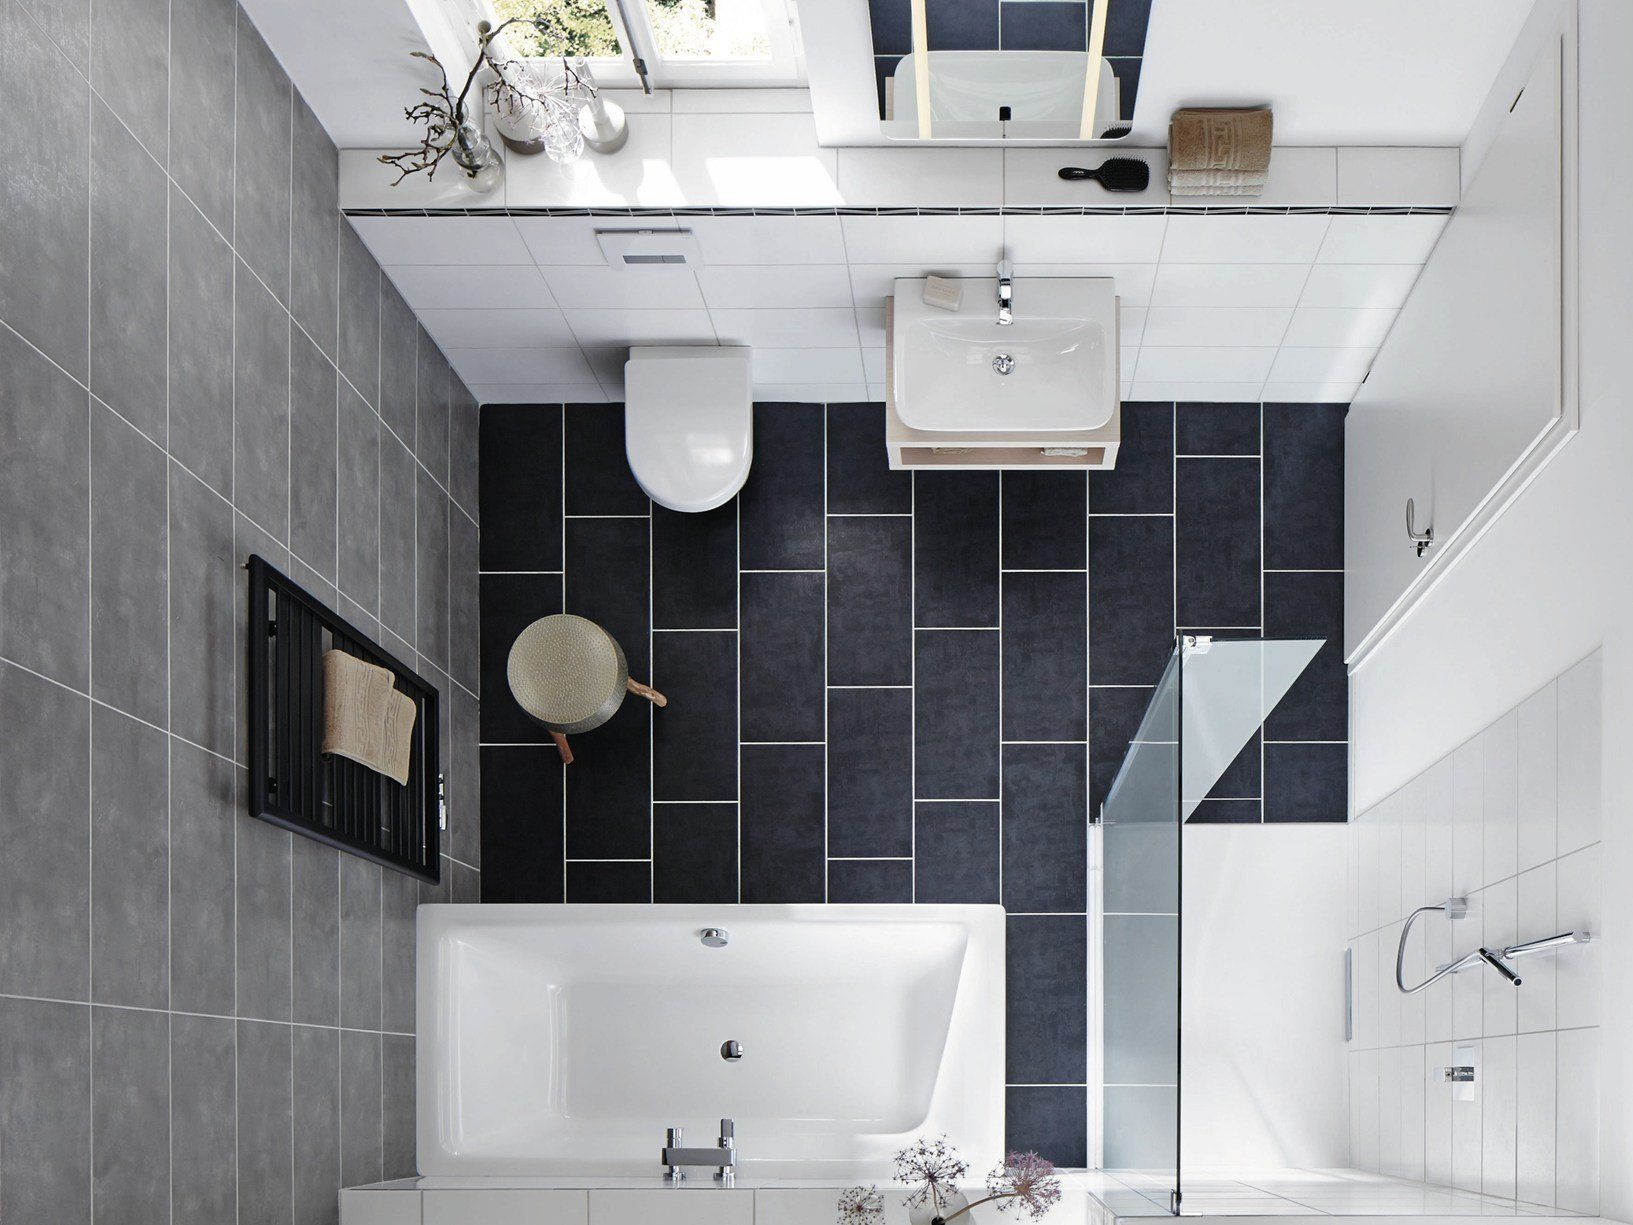 Vasche da bagno e piatti doccia a filo pavimento kaldewei - Bagni piccoli con doccia ...